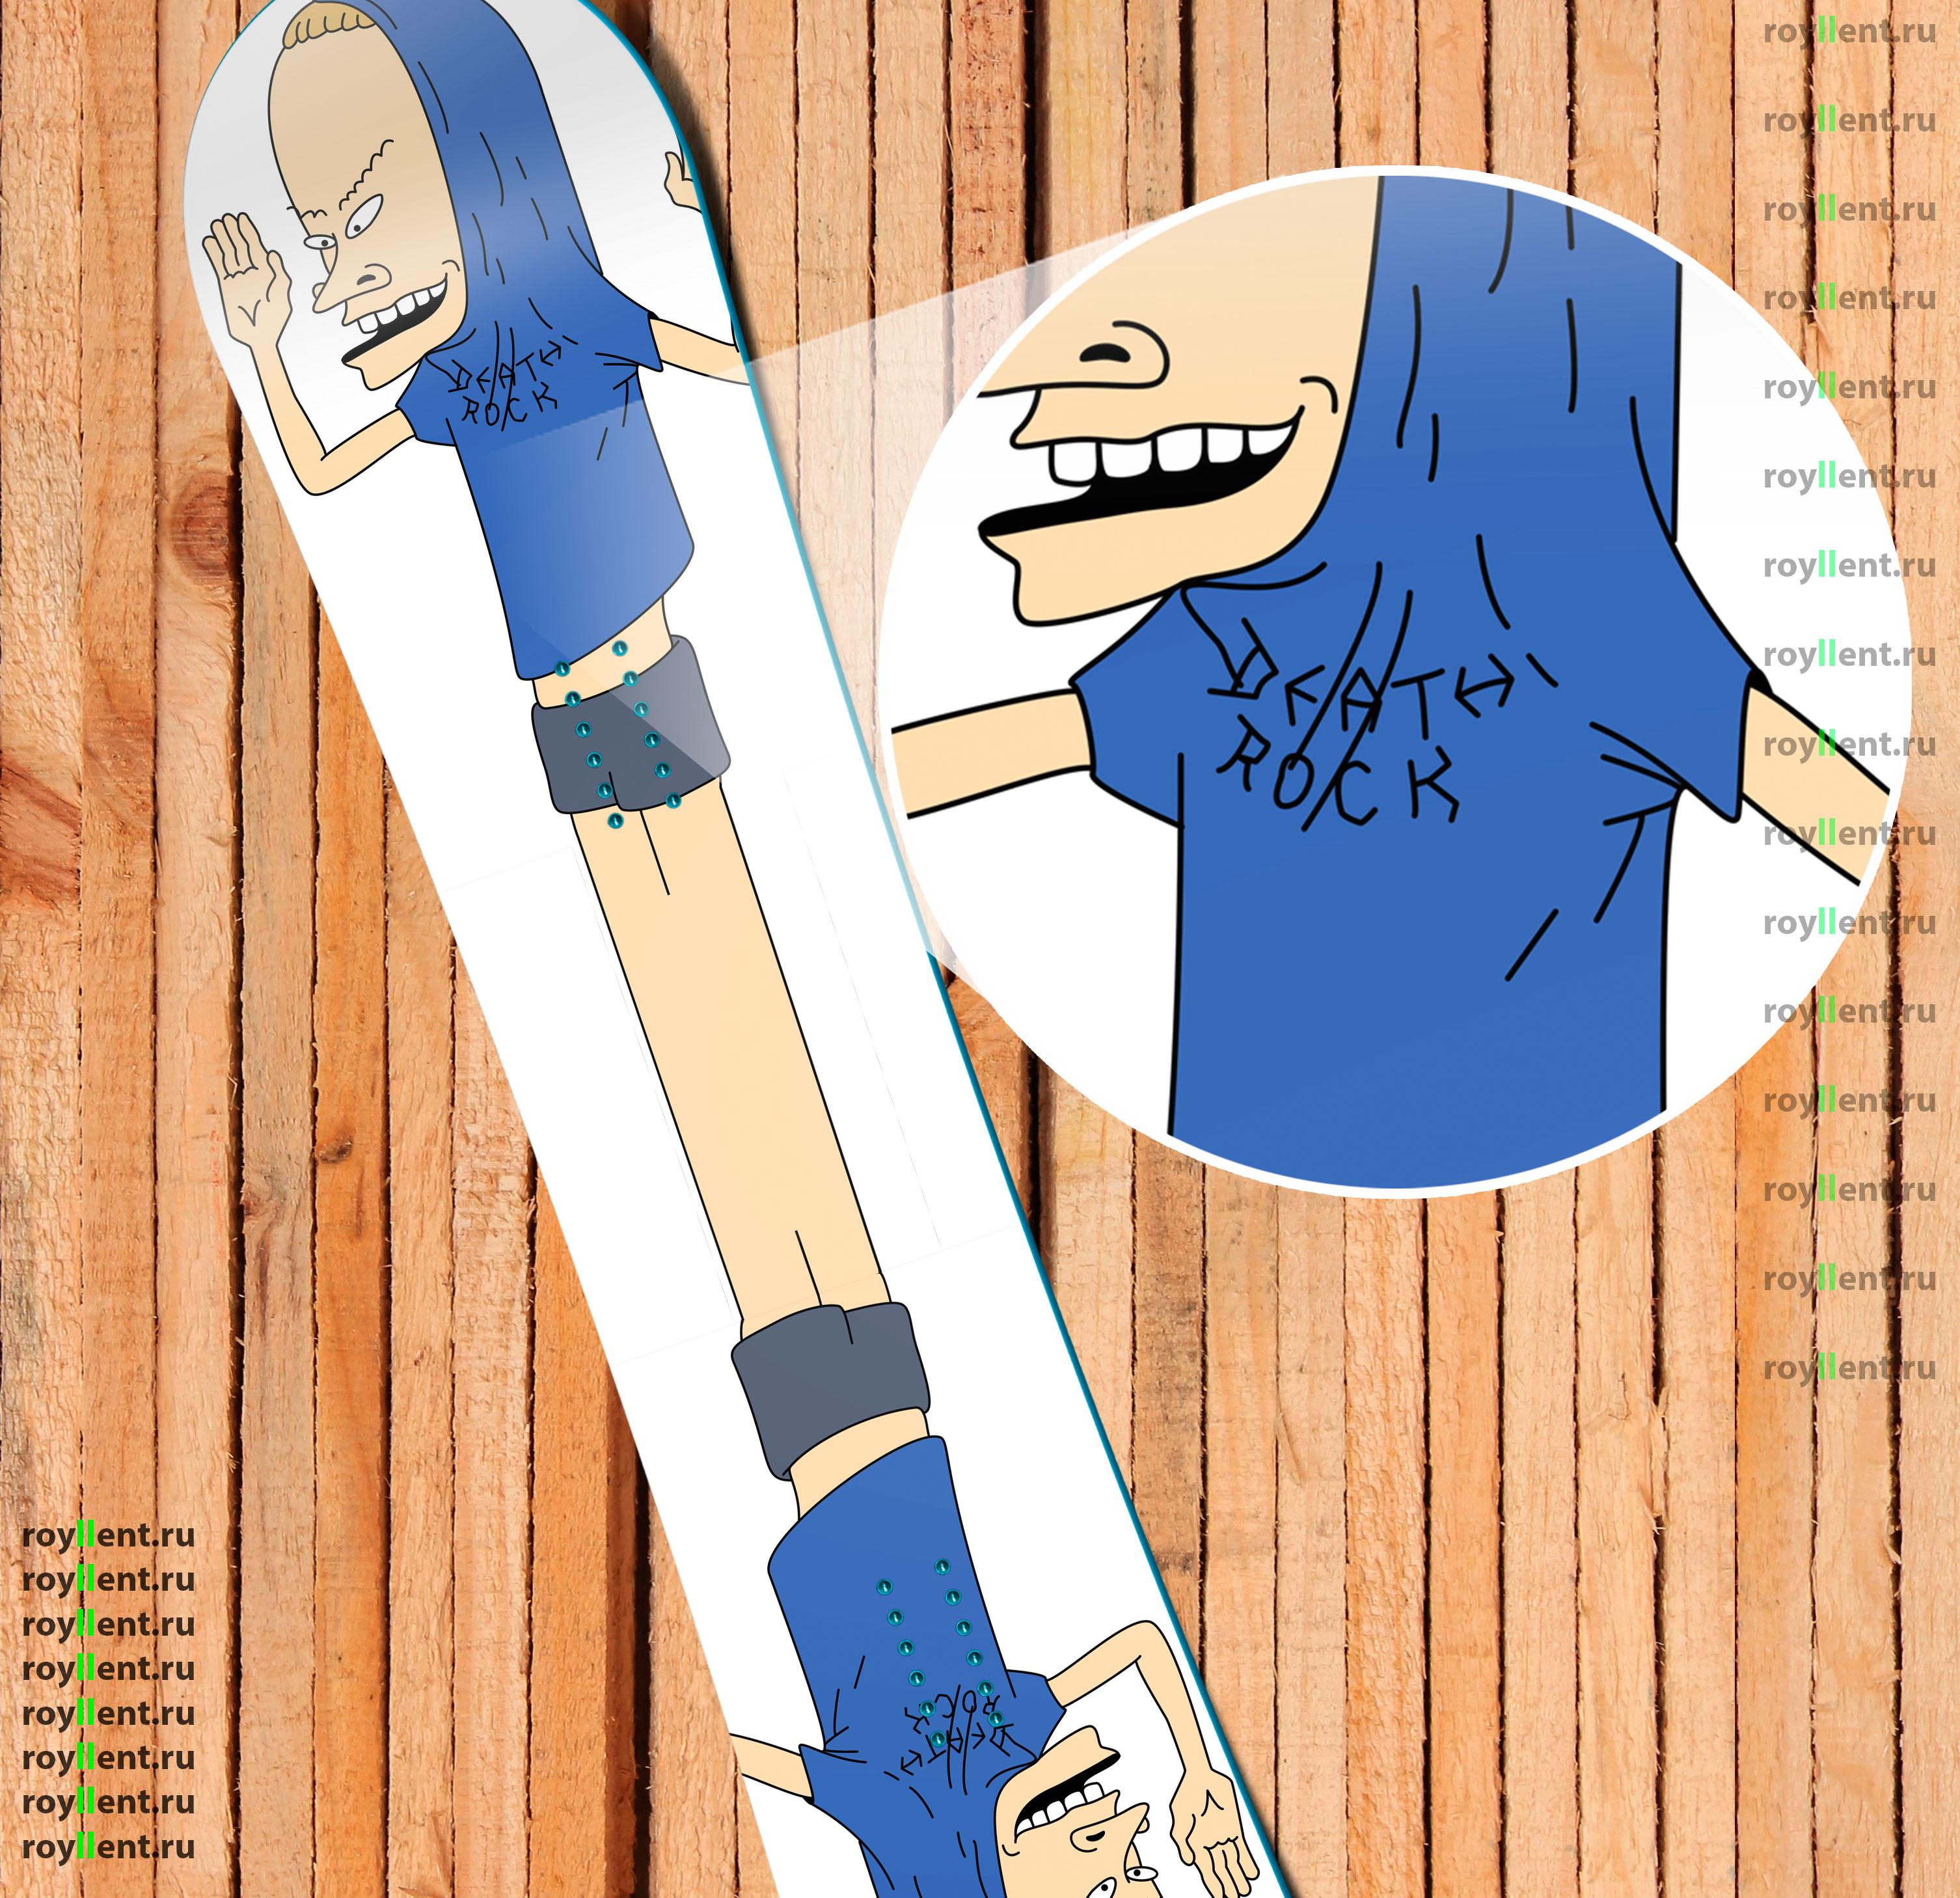 наклейка в стиле биви и батхед на сноуборд интернет магазин